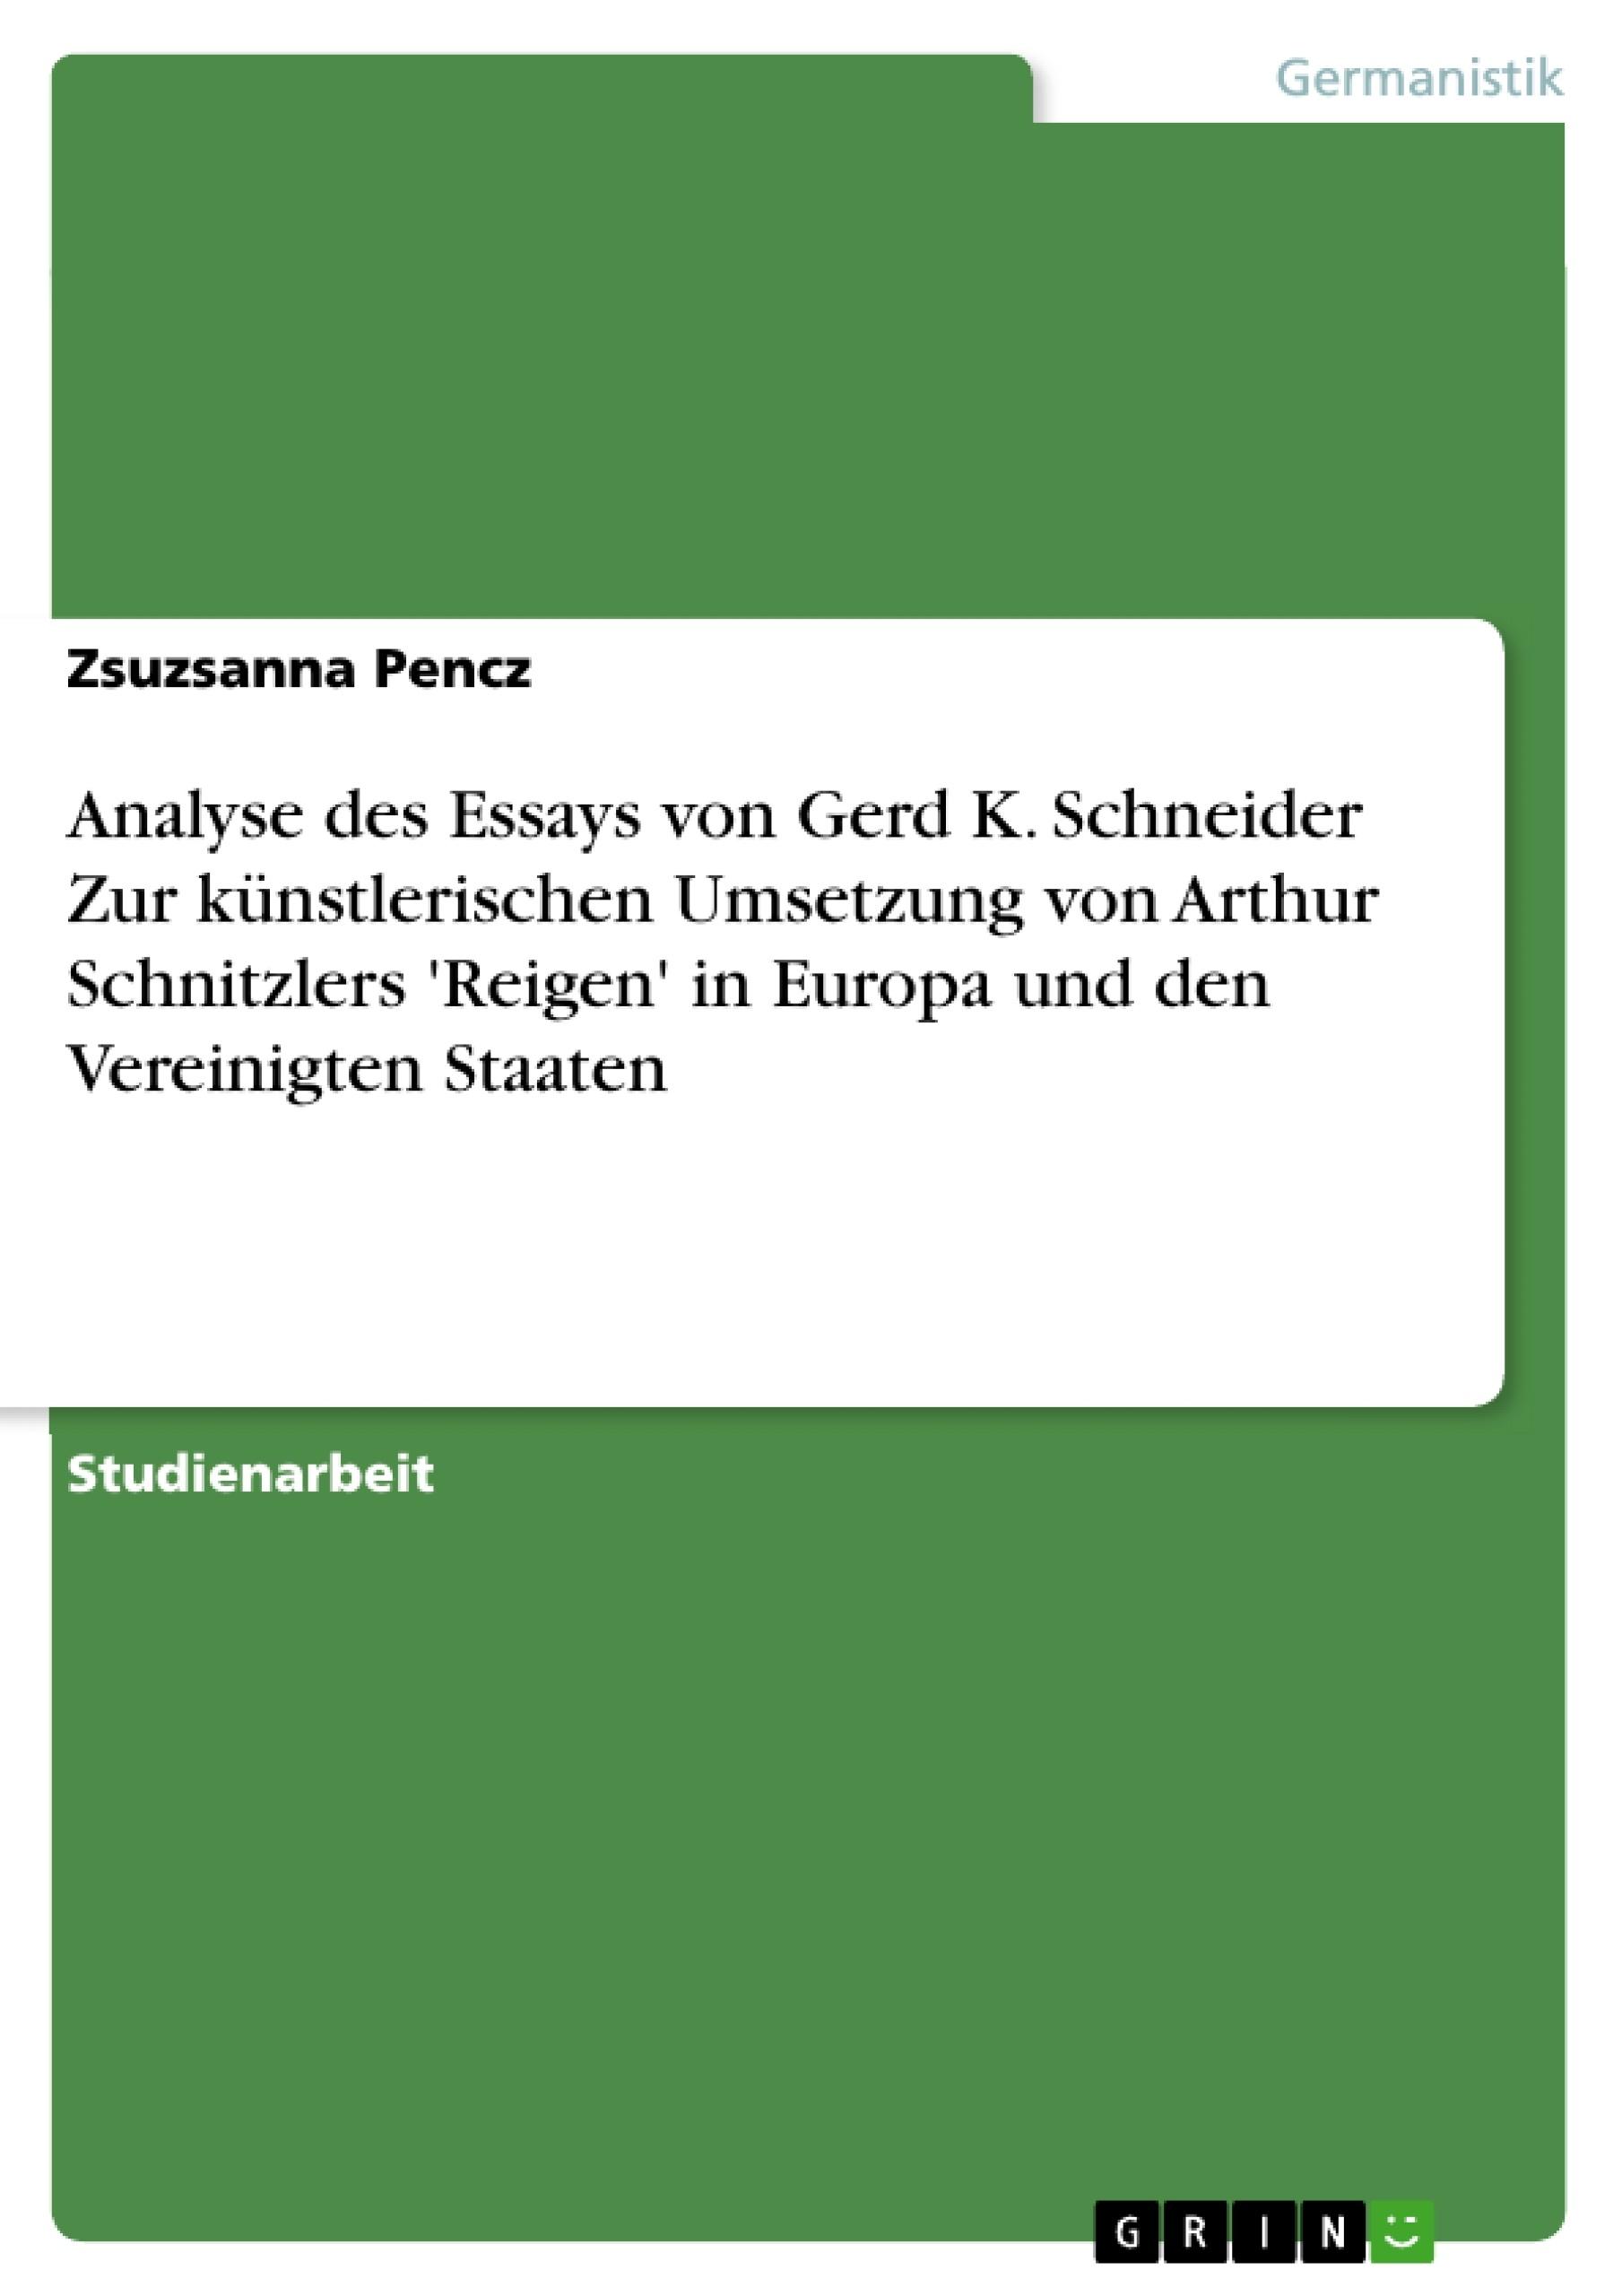 Titel: Analyse des Essays von Gerd K. Schneider Zur künstlerischen Umsetzung von Arthur Schnitzlers 'Reigen' in Europa und den Vereinigten Staaten